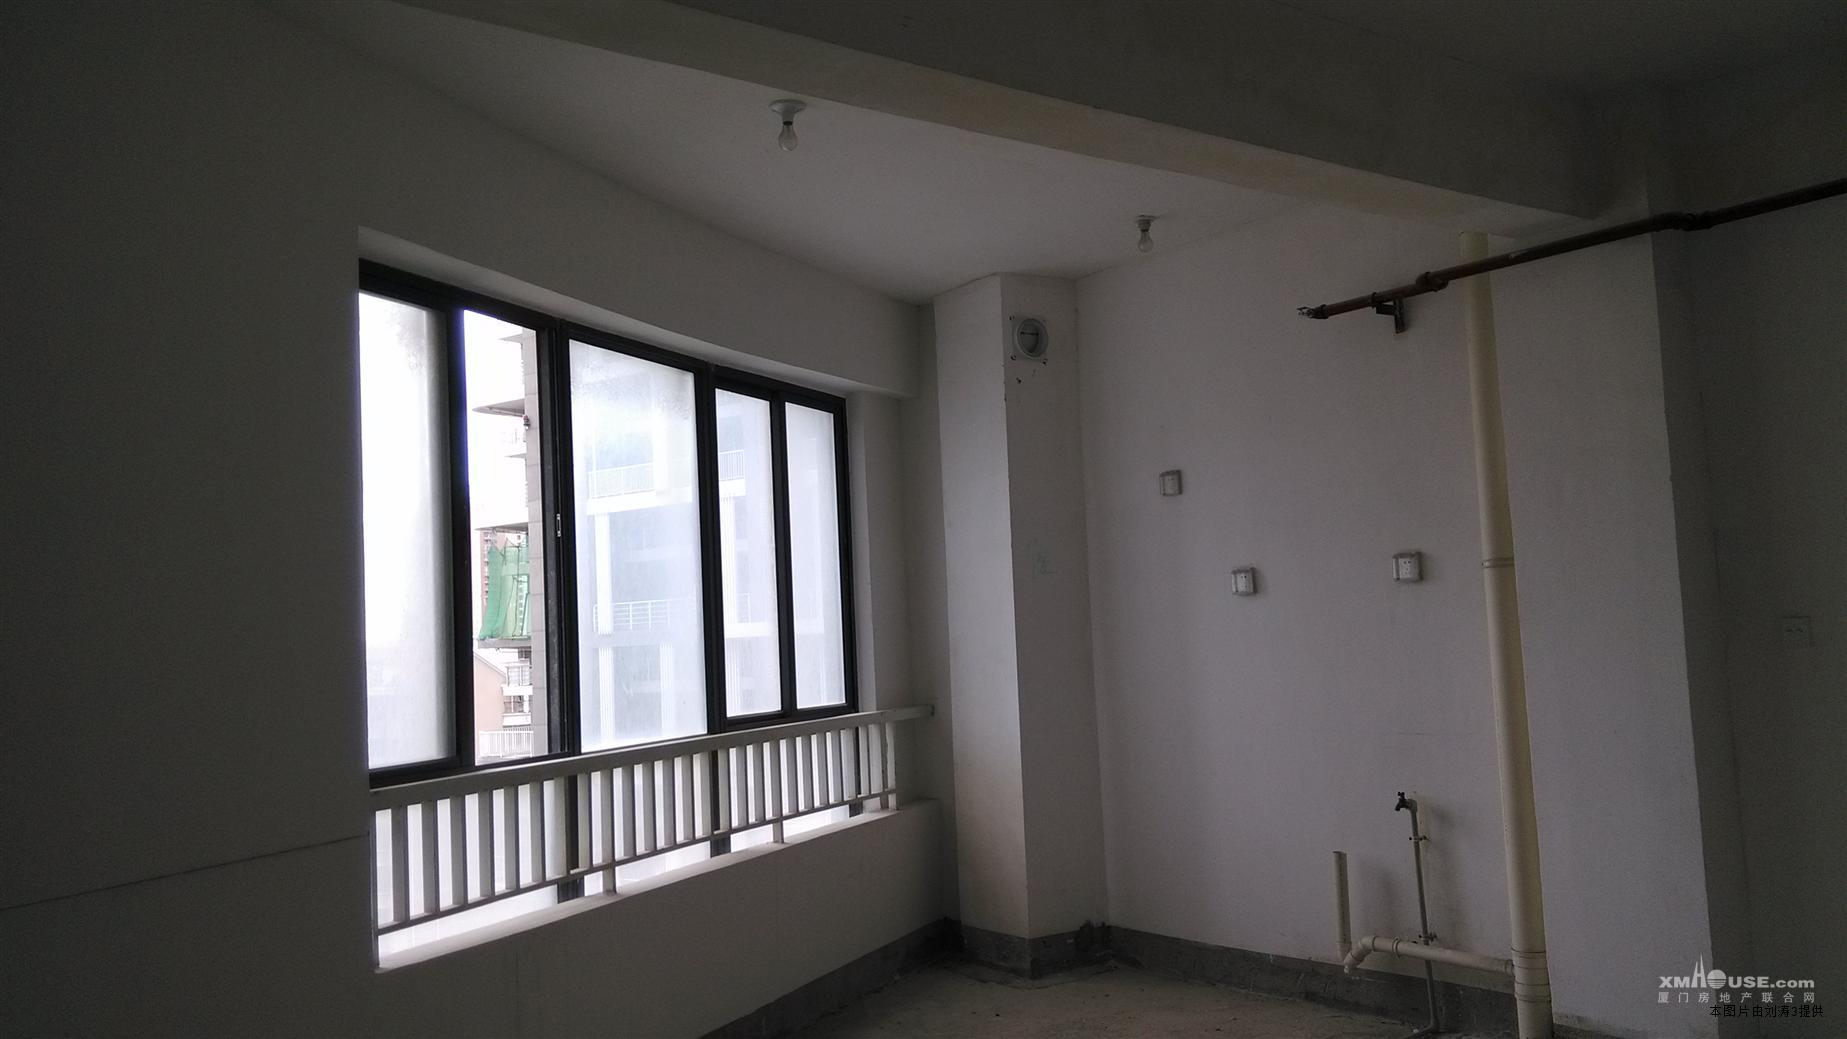 80平米两层楼房设计,农村两层楼房设计图,80平米两层楼房设